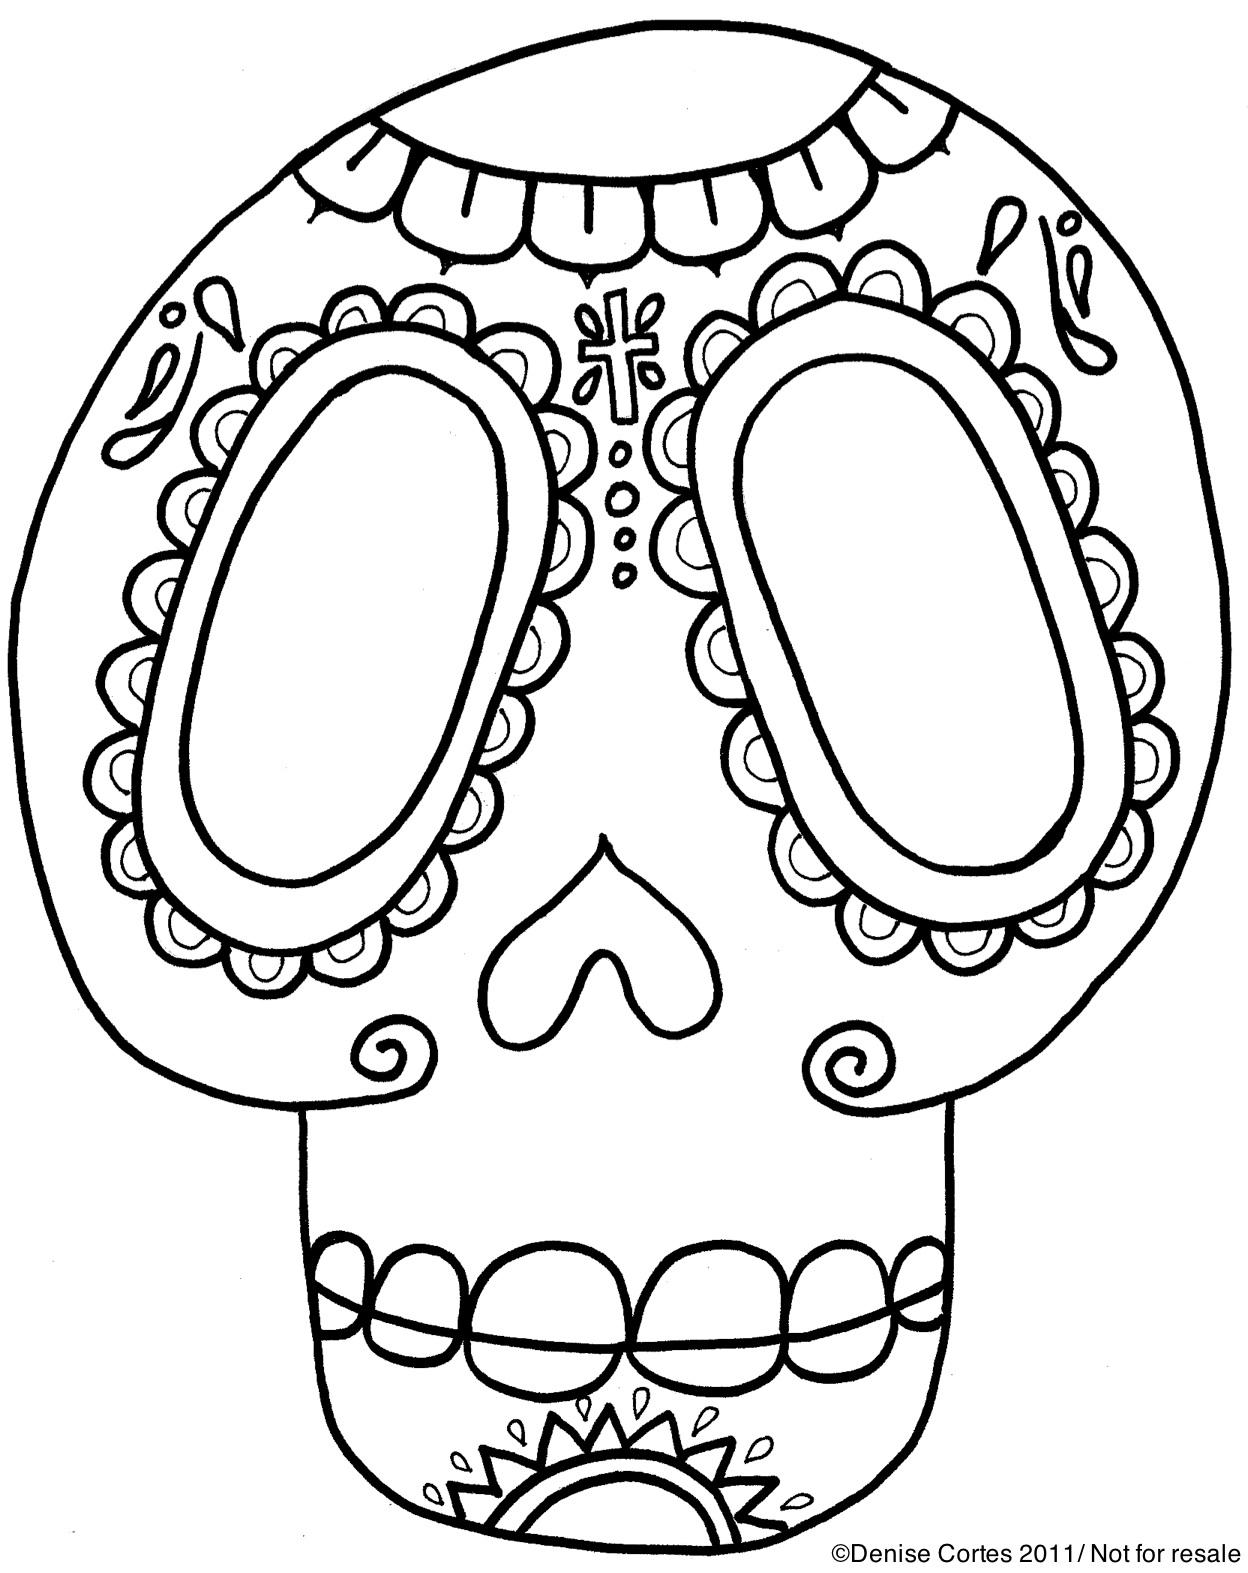 dia de los muertos printable coloring pages 20 free printable dia de los muertos coloring pages pages los coloring printable de muertos dia